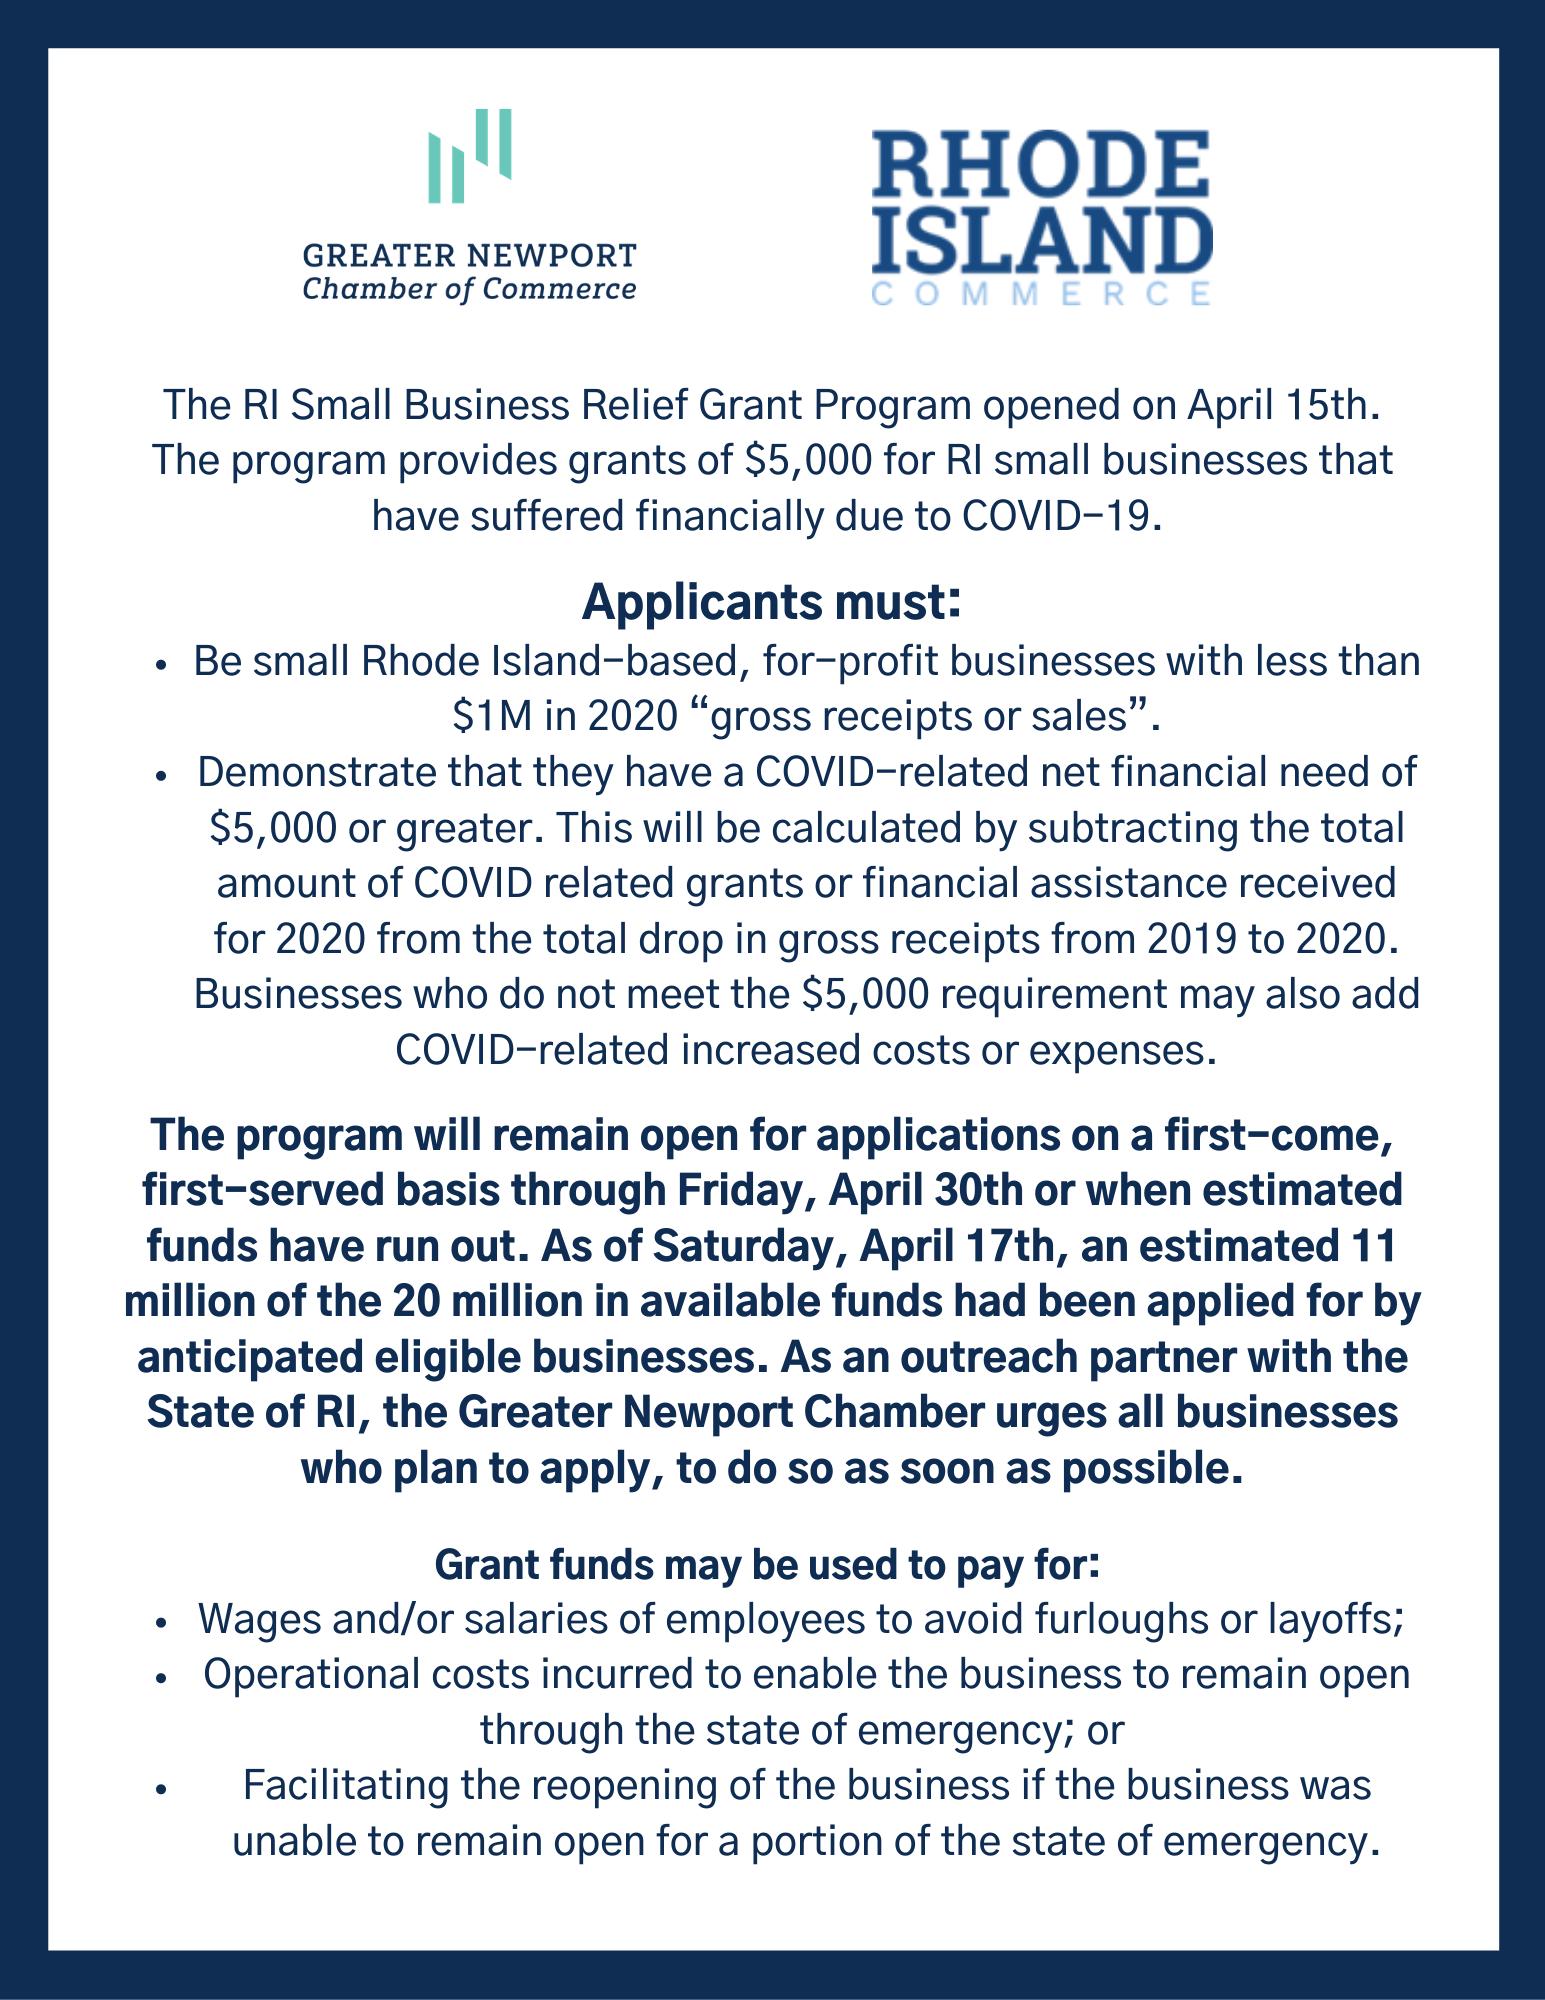 RI Small Business Relief Grant